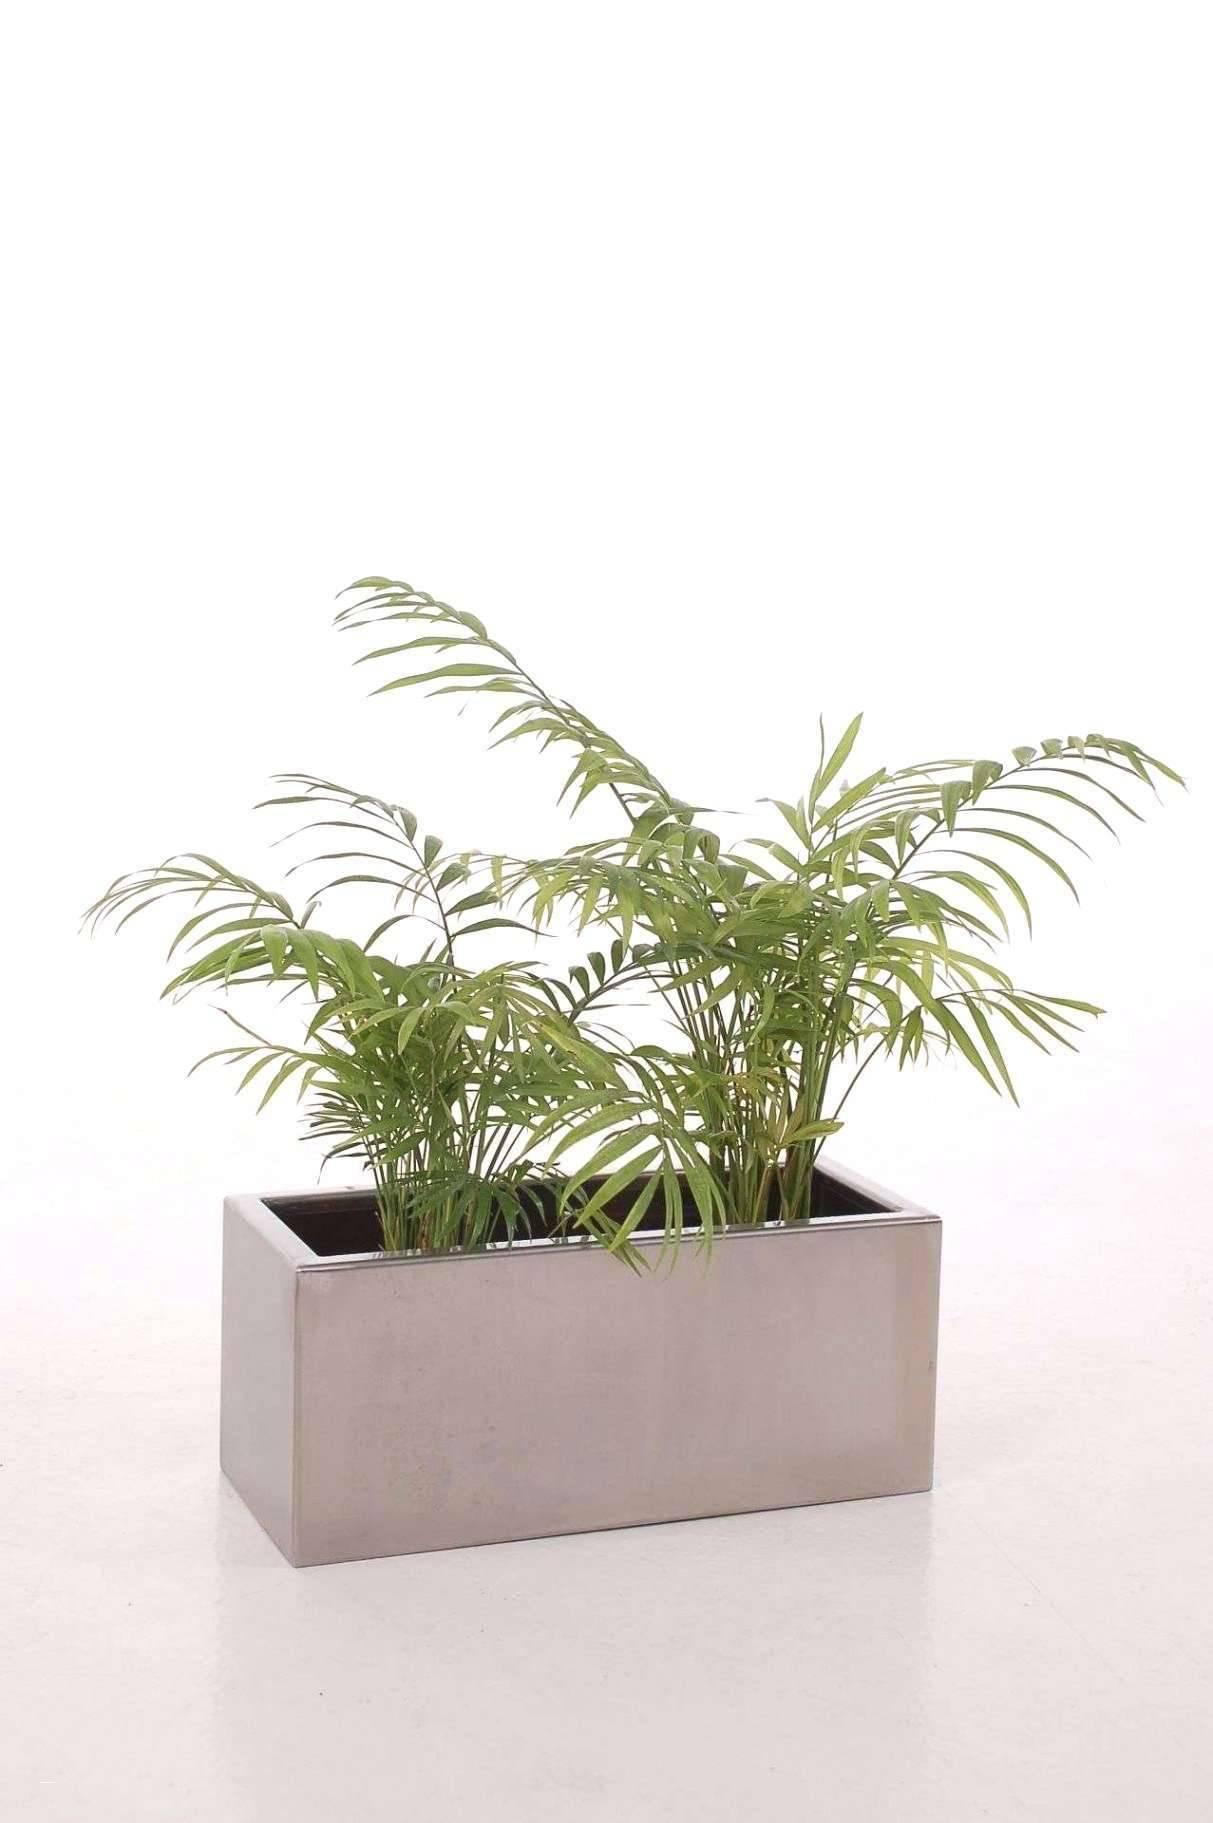 pflanzen wohnzimmer modern luxury pflanzen deko ideen of pflanzen wohnzimmer modern